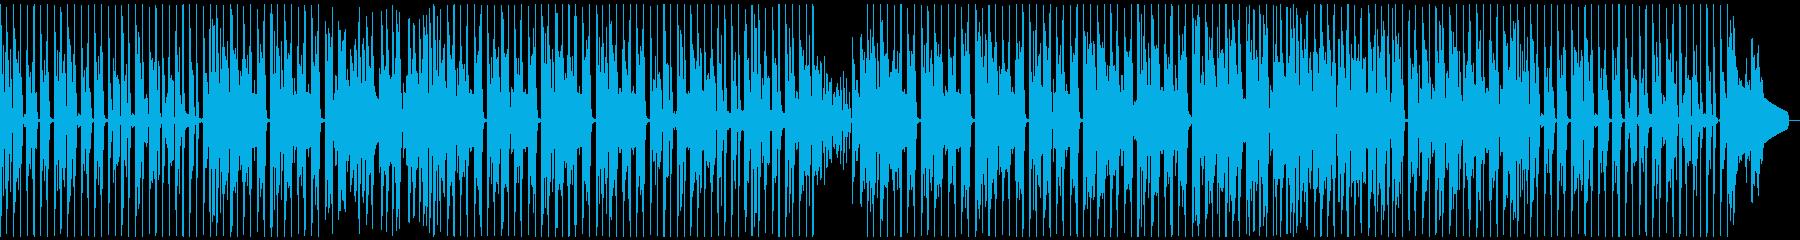 スタイリッシュCM、粋なグルーヴ感の再生済みの波形